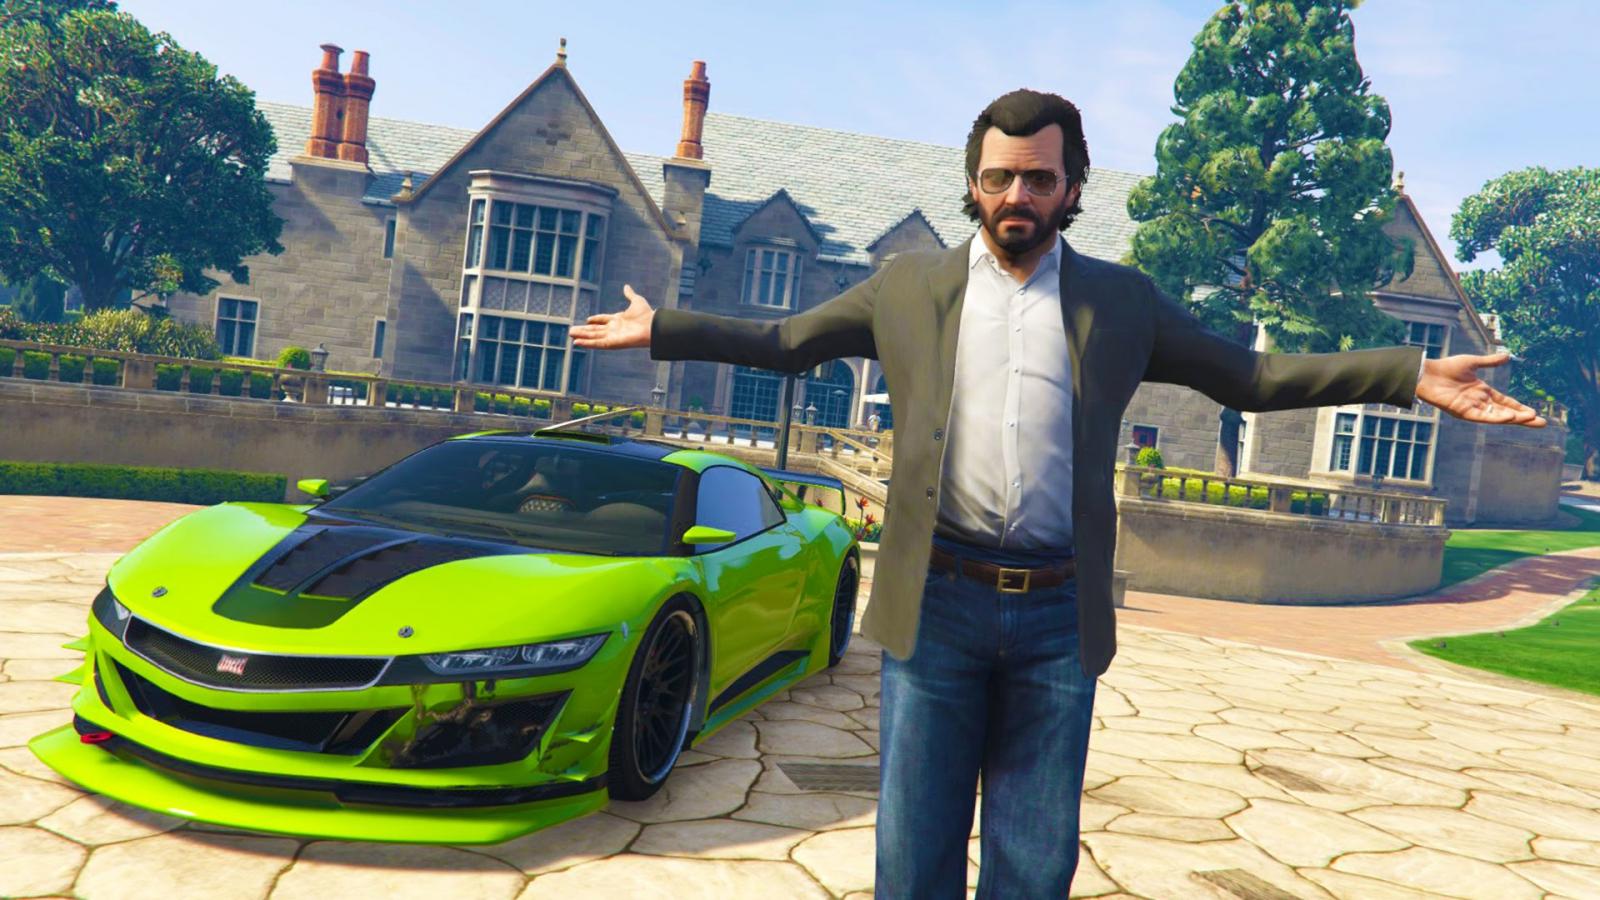 Тираж GTA 5 превысил 70 миллионов копий